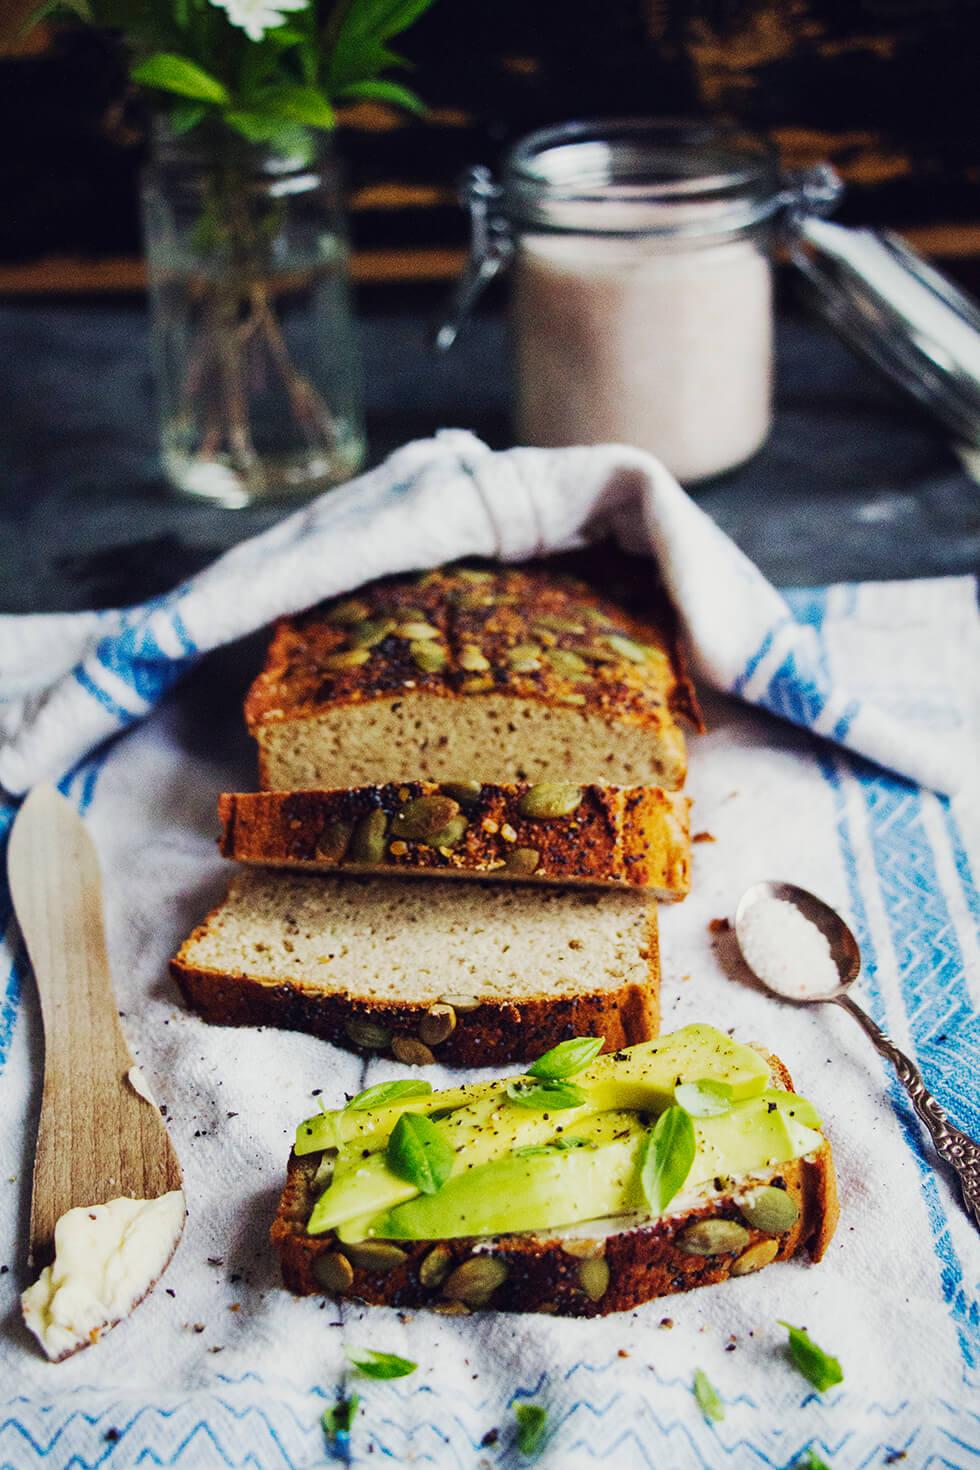 glutenfritt_bröd_bakat_på_bovete_och_kokosmjöl_7